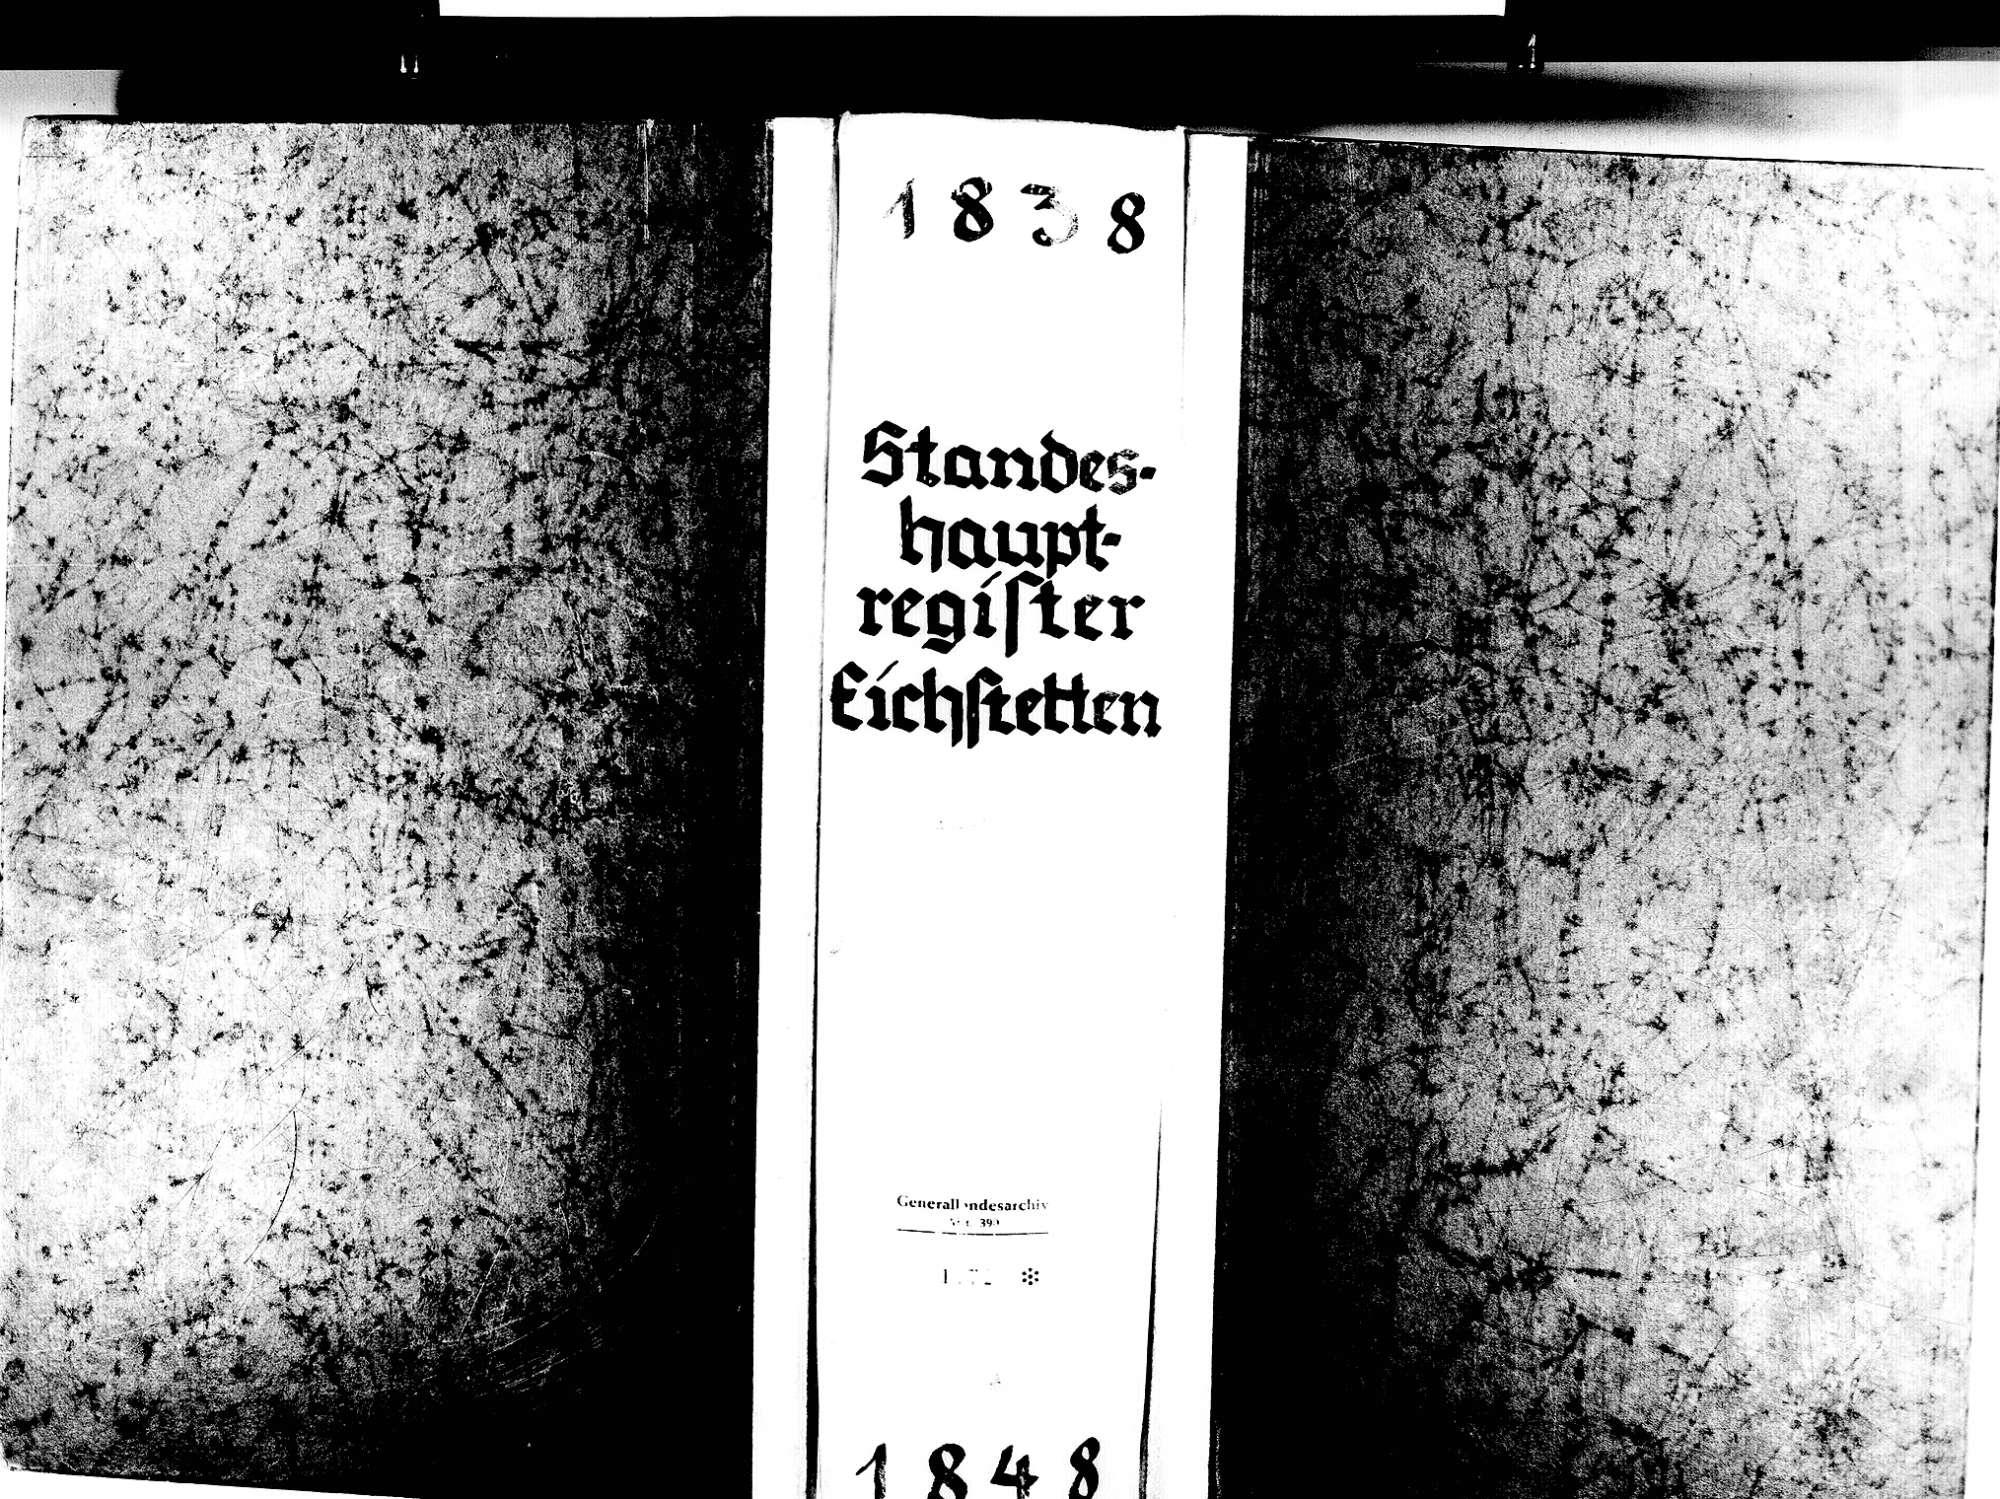 Eichstetten FR; Evangelische Gemeinde: Standesbuch 1838-1848 Eichstetten FR; Israelitische Gemeinde: Standesbuch 1838-1848, Bild 1